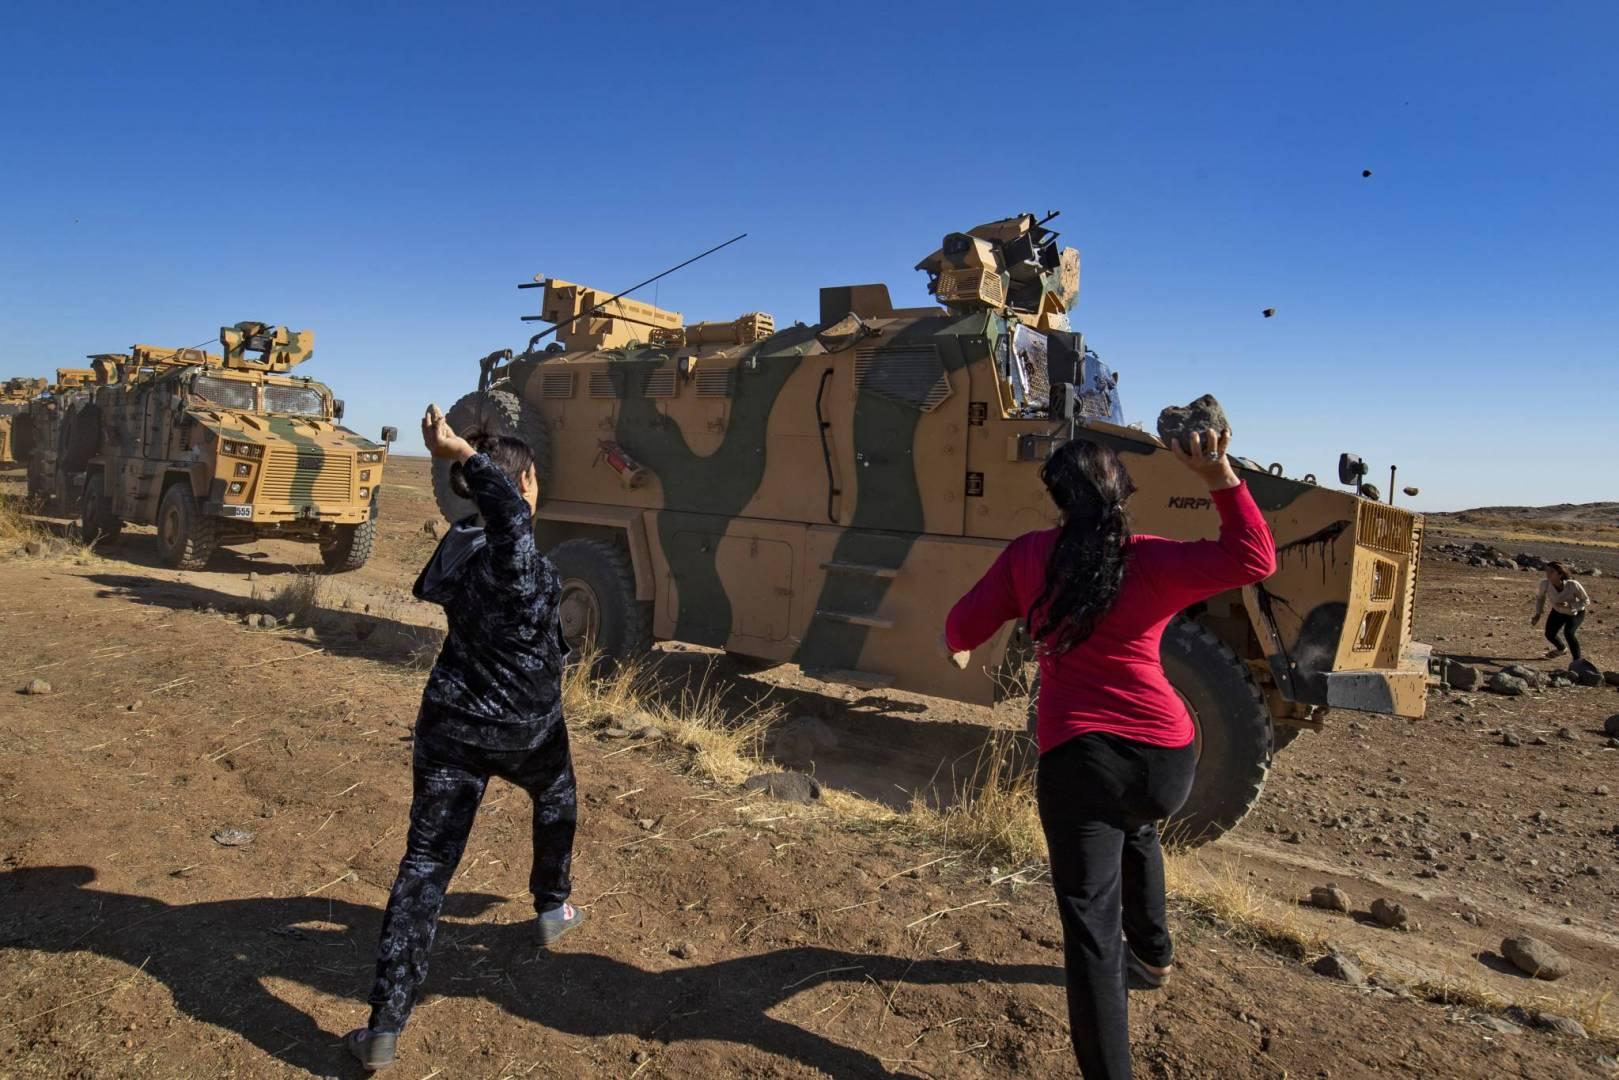 الحجارة-..-سلاح-أهالي-الشمال-الشرقي-السوري-ضدّ-الاحتلال-التركي